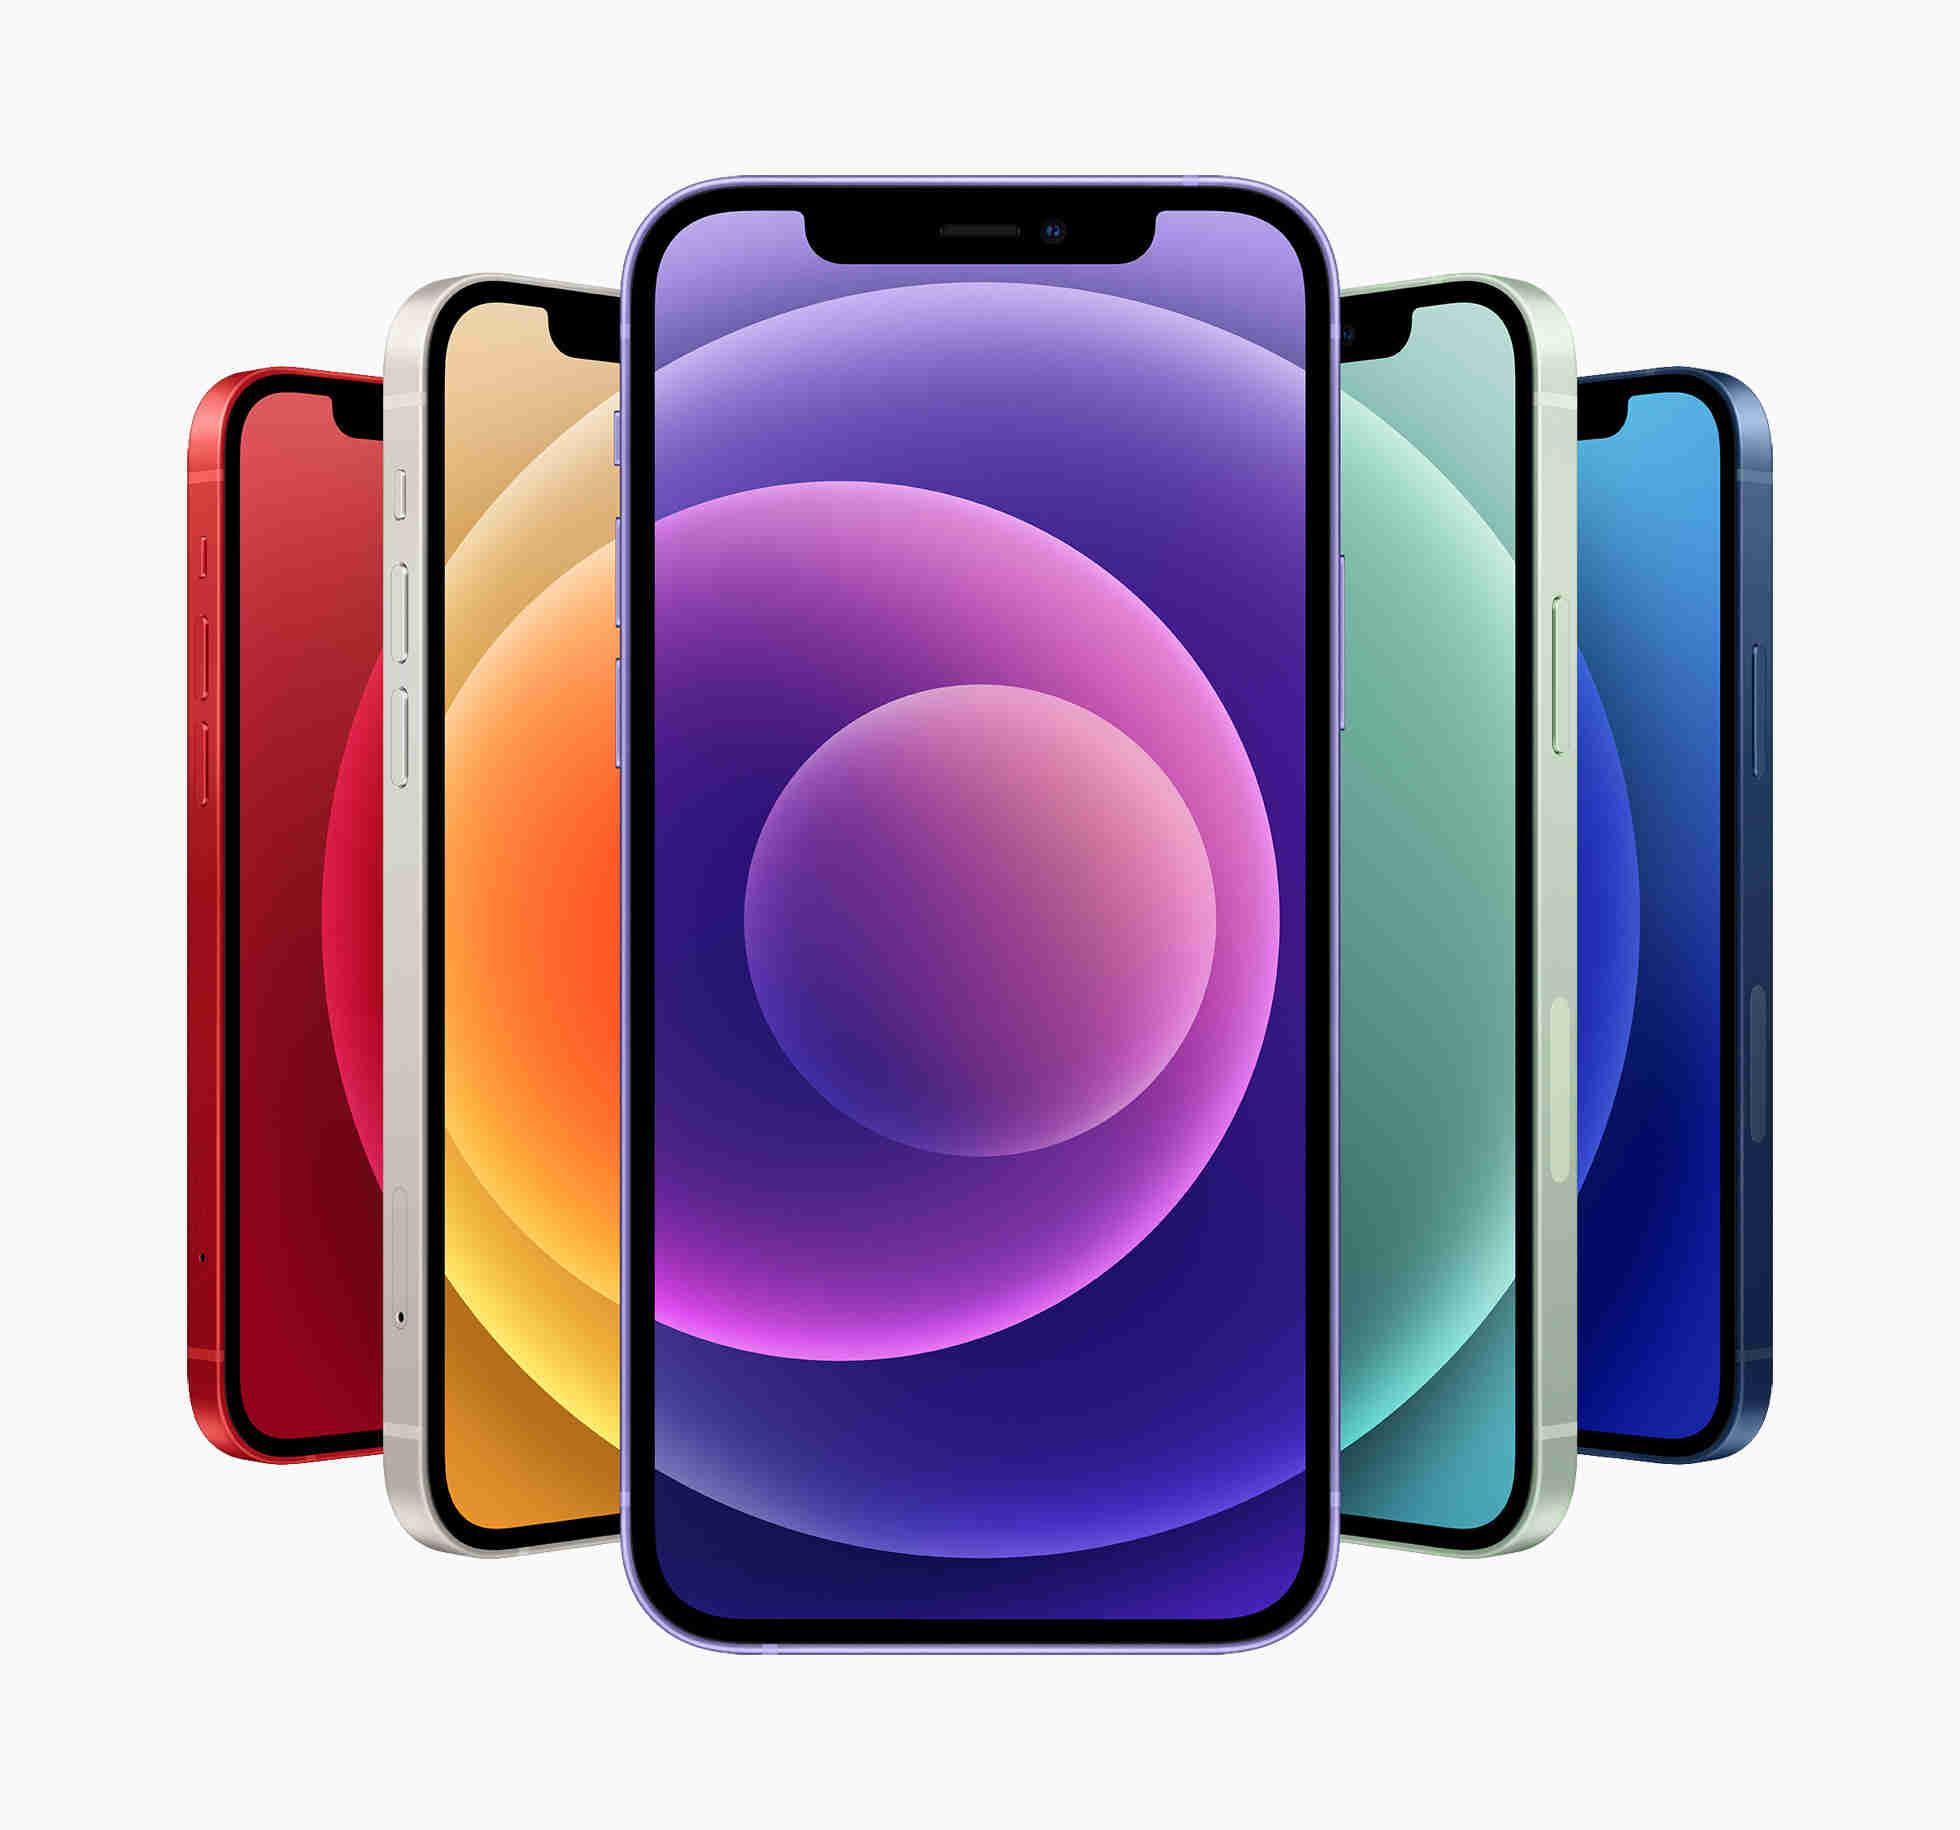 apple_iphone-12-spring21_hero_us_04202021_big